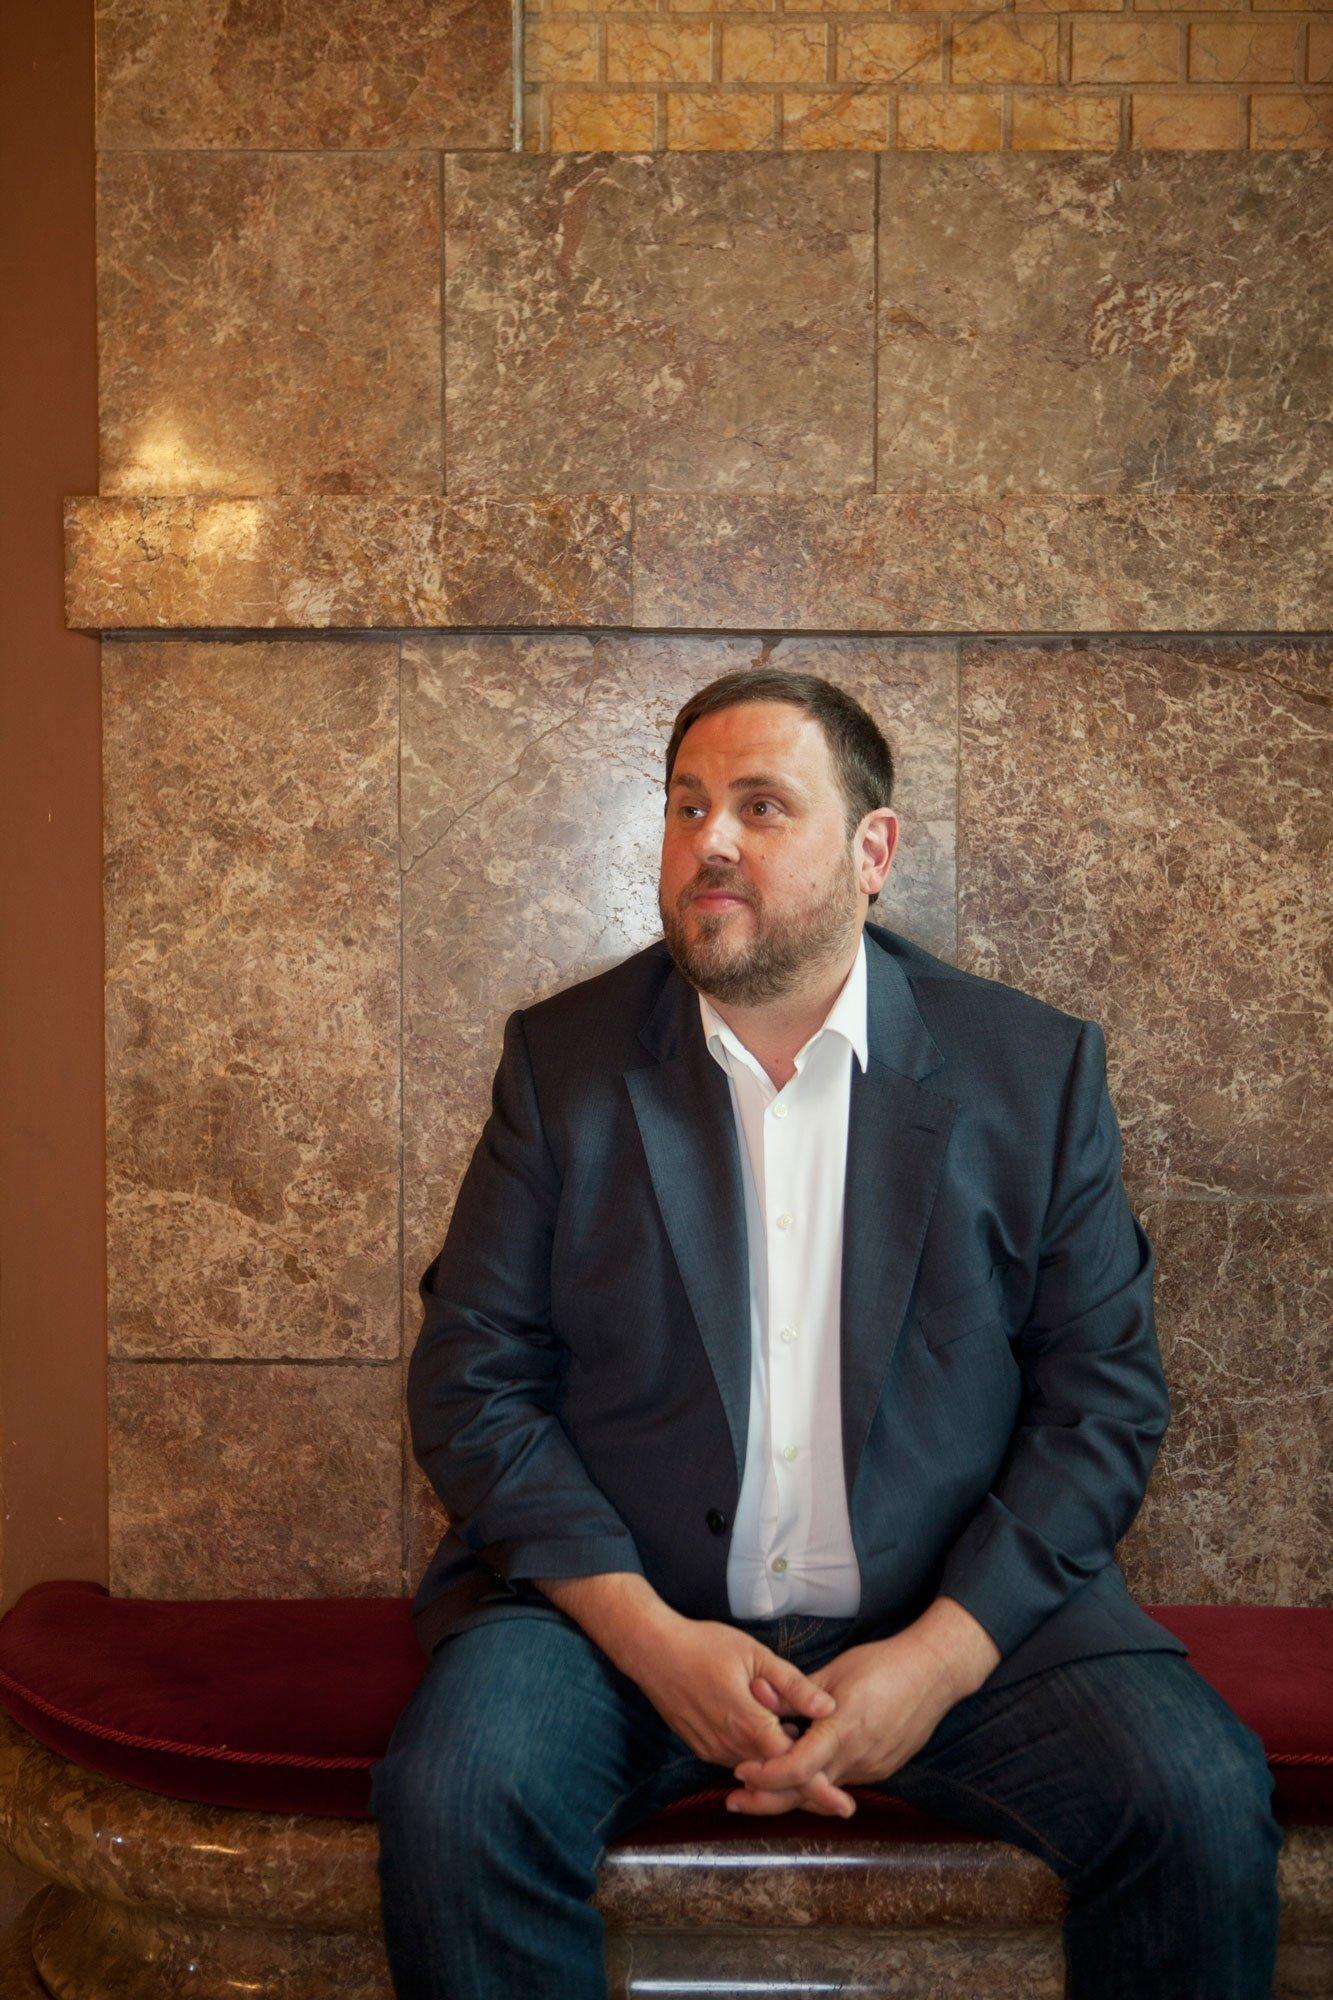 Der katalanische Politiker Orion Junqueras befindet sich seit einem Jahr in Untersuchungshaft. Die Staatsanwaltschaft fordert 25Jahre Haft. Rechtsextreme Nebenkläger fordern sogar 72Jahre.